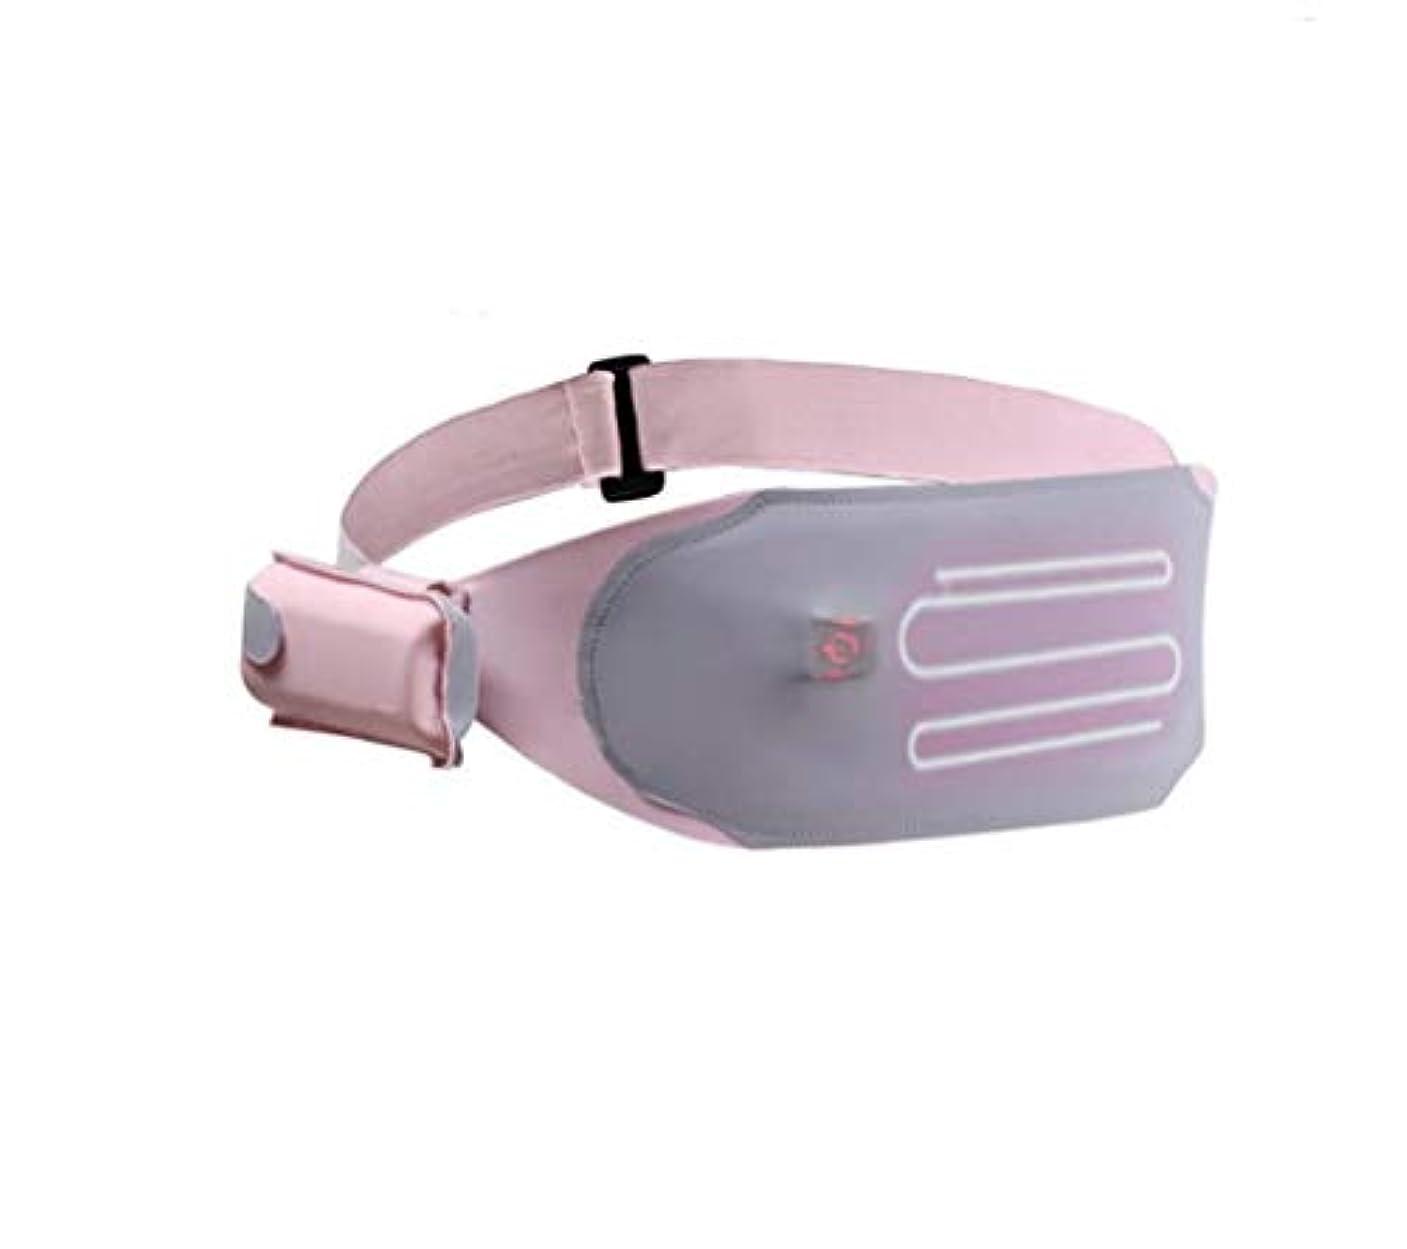 規範リンク床ウエストマッサージャー、ポータブルベルトサポート、USB充電、加熱、女性の月経困難症を緩和するために調整可能な3つの温度